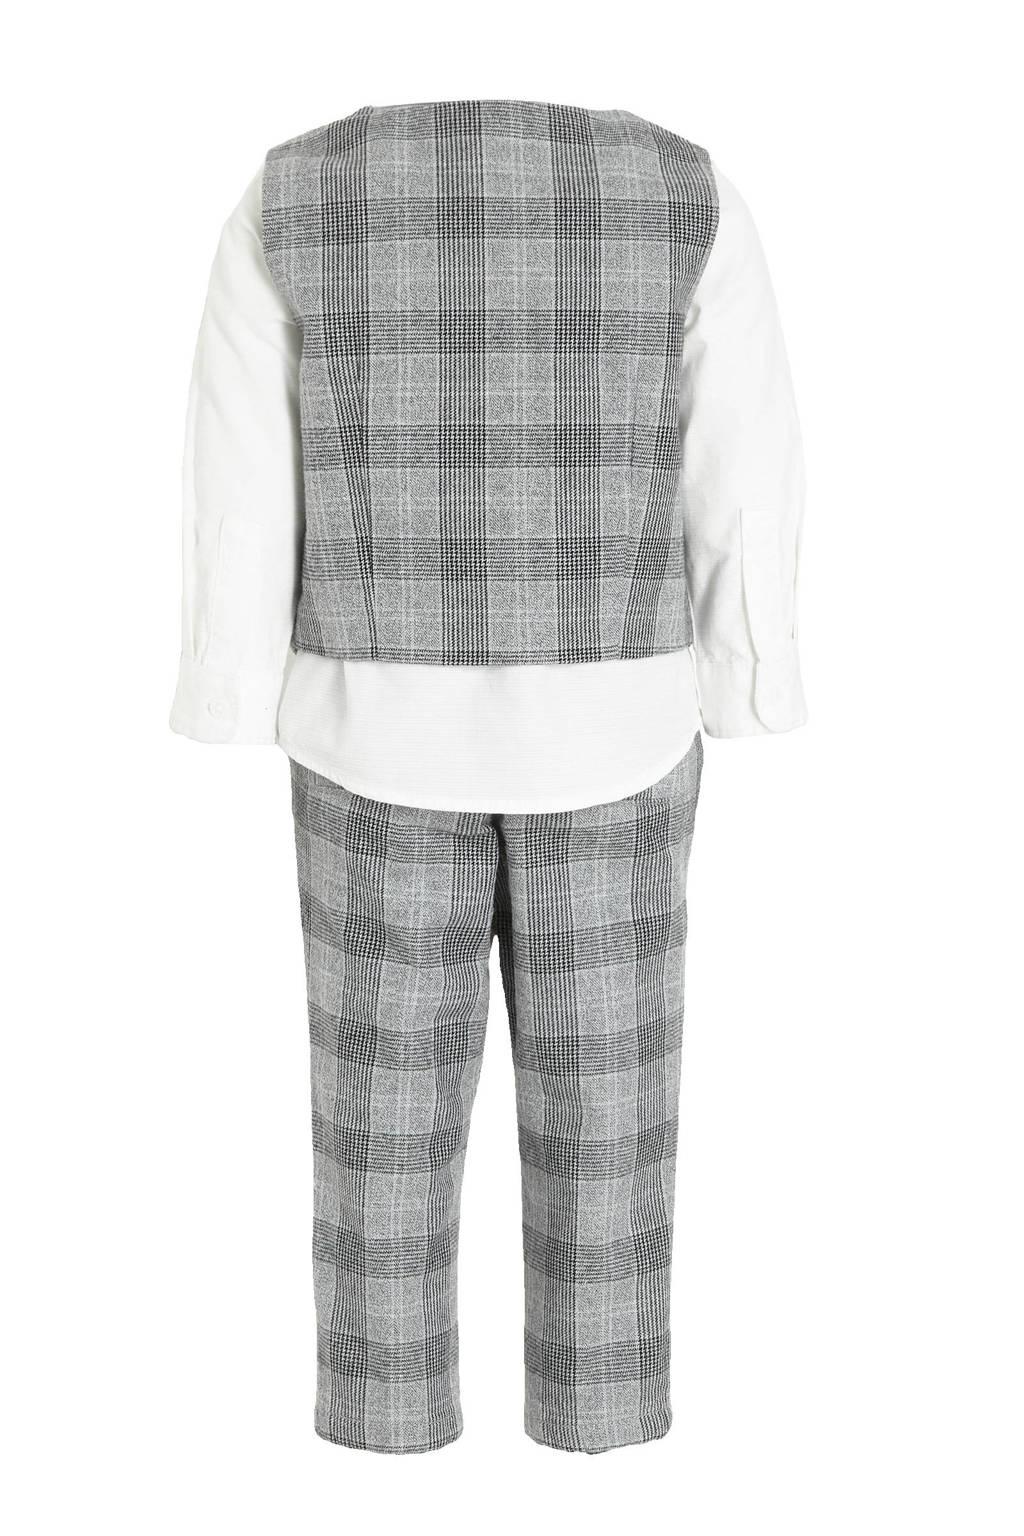 C&A overhemd + gilet + broek en bijpassende strik wit/grijs melange/zwart, Wit